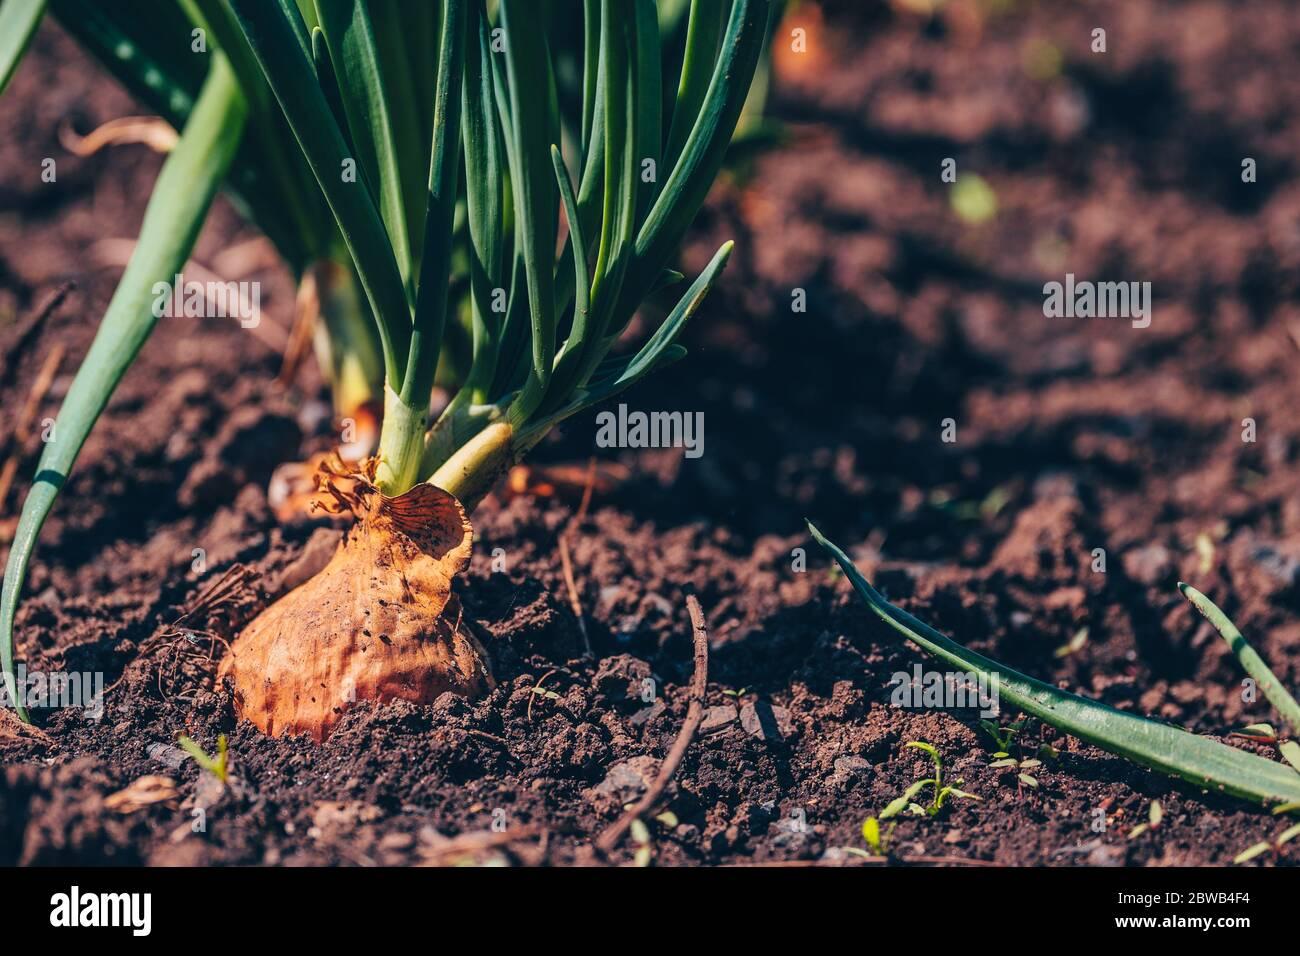 Cerca de la cebolla en crecimiento en el jardín. Cebolla en flor en el suelo. Concepto de espacio para su texto. Foto de stock